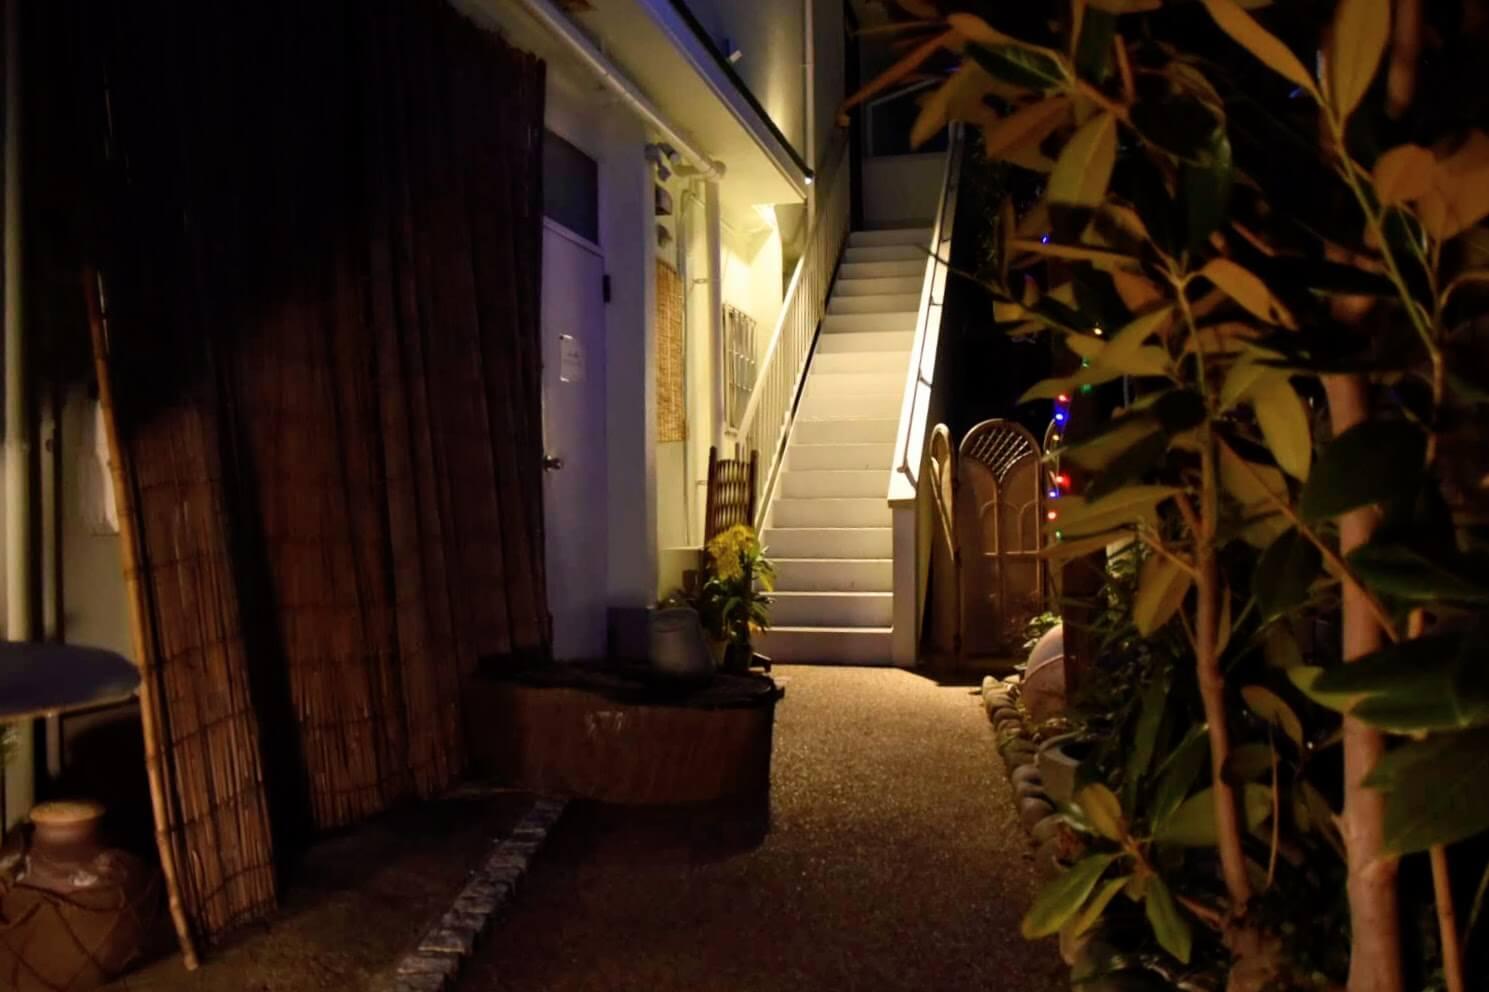 魚バル 眞の入口にある階段